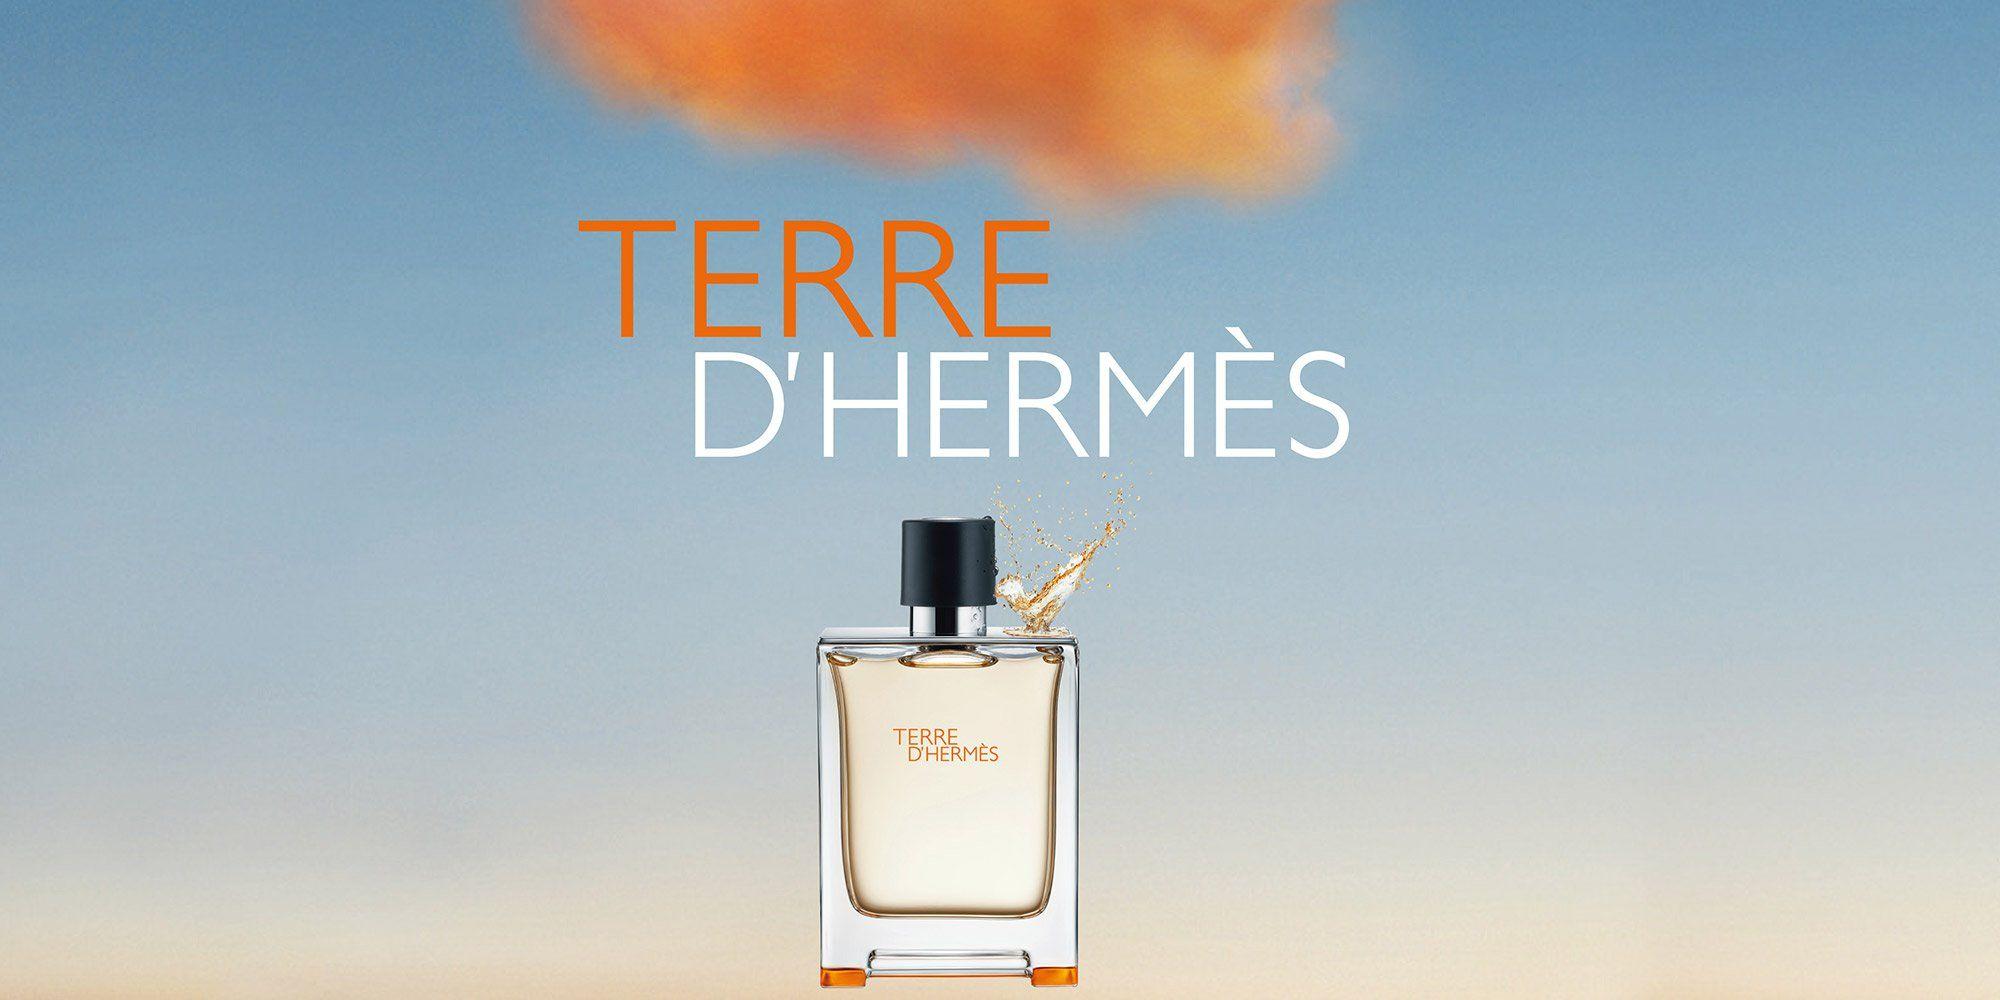 MythiquePerfume ParfumHermes D'hermèsParfum Hk Terre Et OiXZkPu